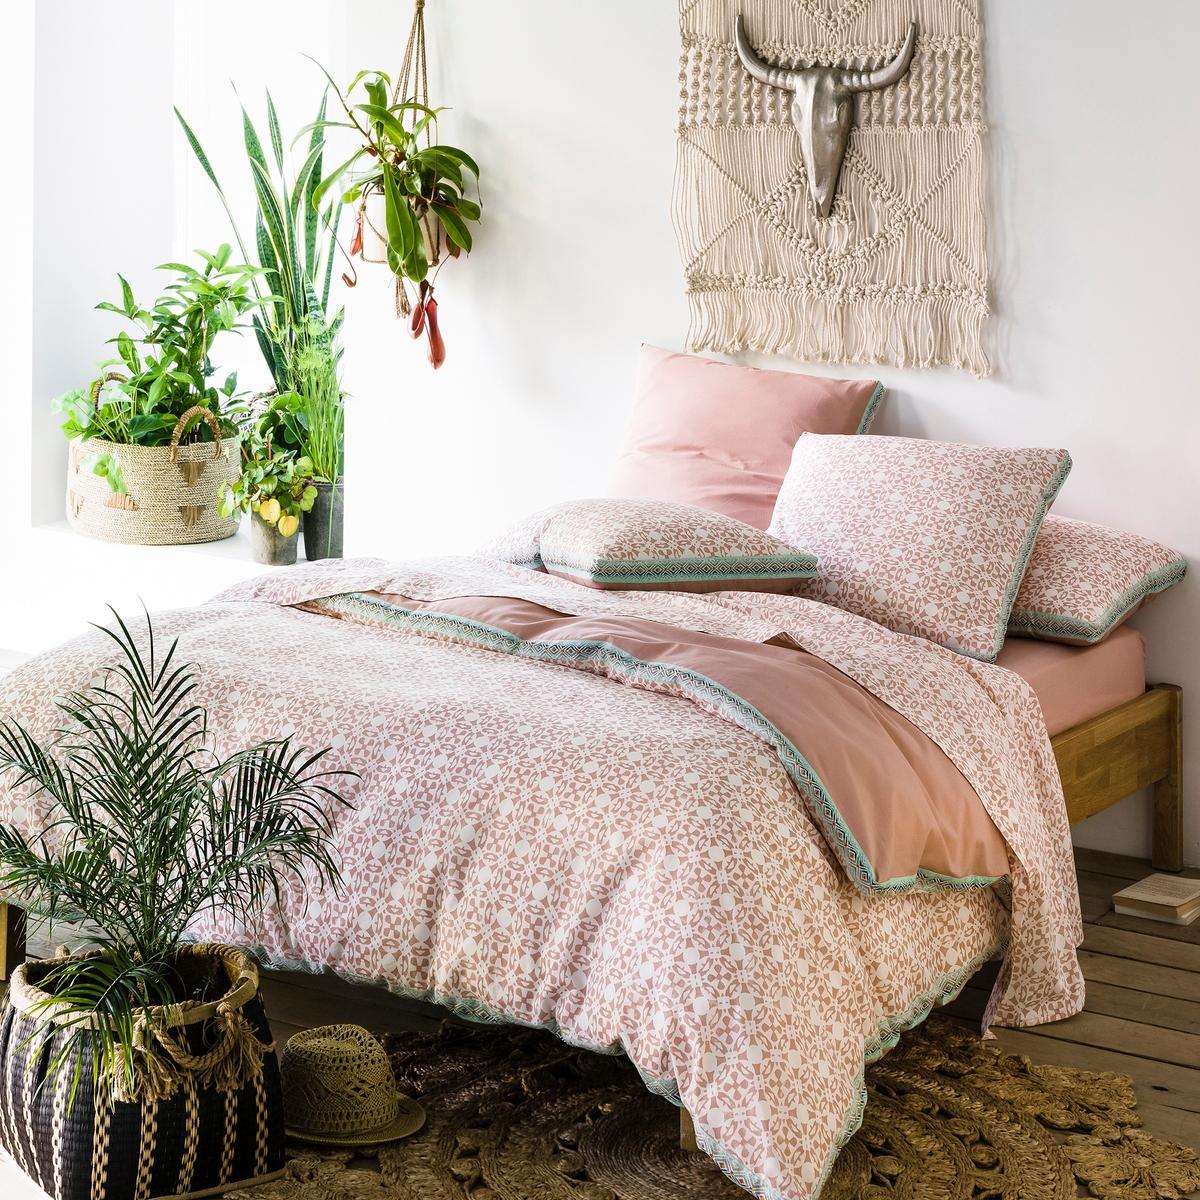 цена Пододеяльник La Redoute Из хлопка YUCATAN 260 x 240 см розовый онлайн в 2017 году